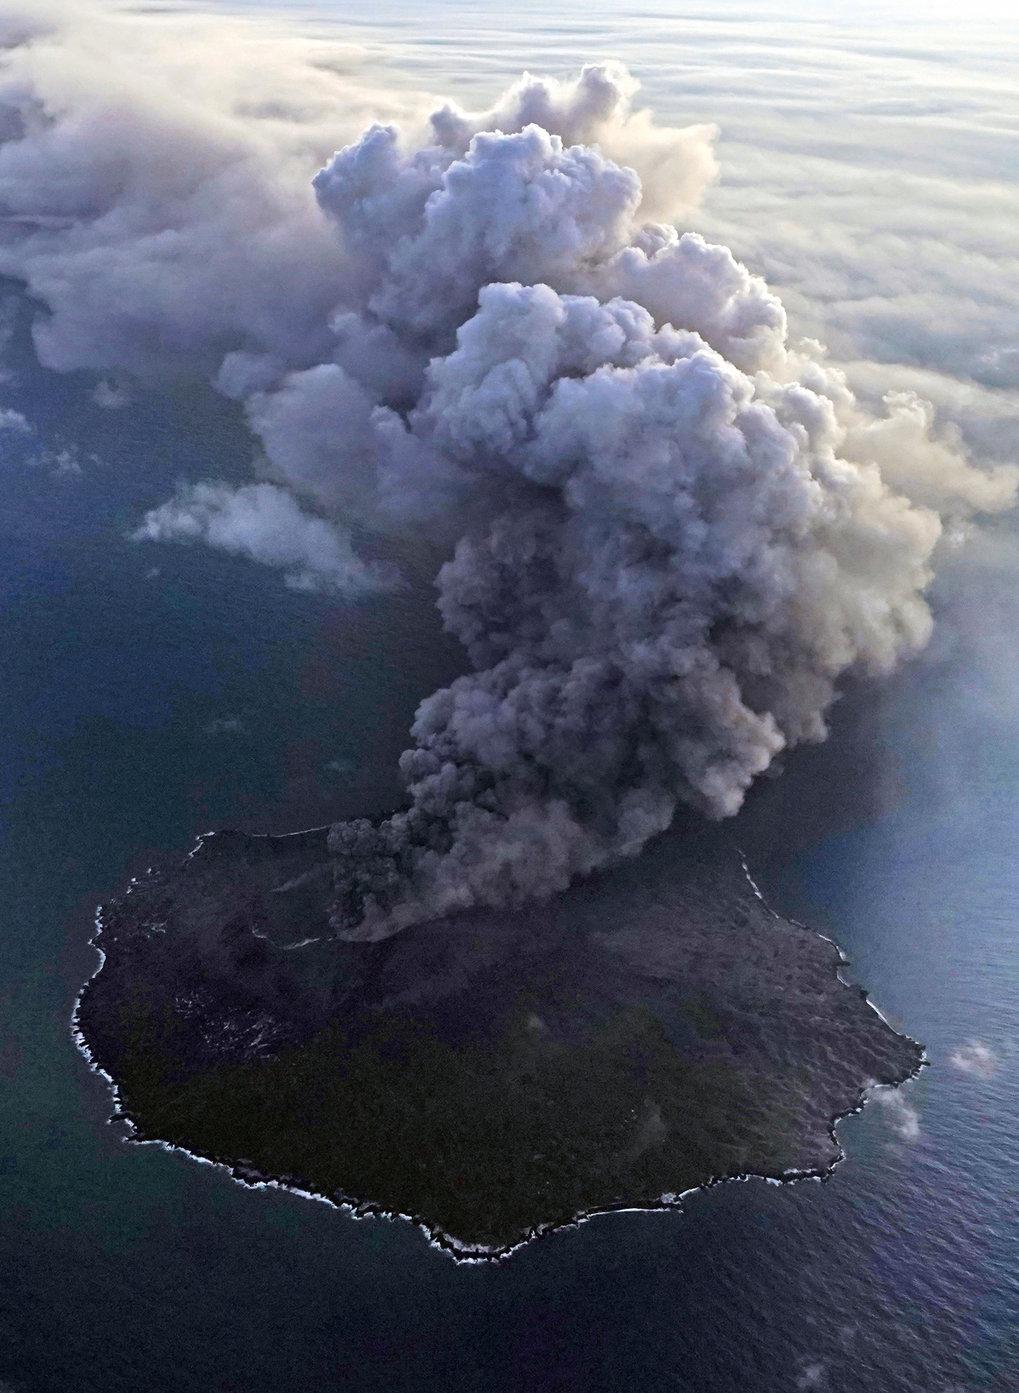 Blaupause fürs Climate-Engineering: Aktive Vulkane wie der Nishinoshima, 1000 Kilometer südlich von Tokyo, setzen große Mengen Schwefeldioxid frei. Au